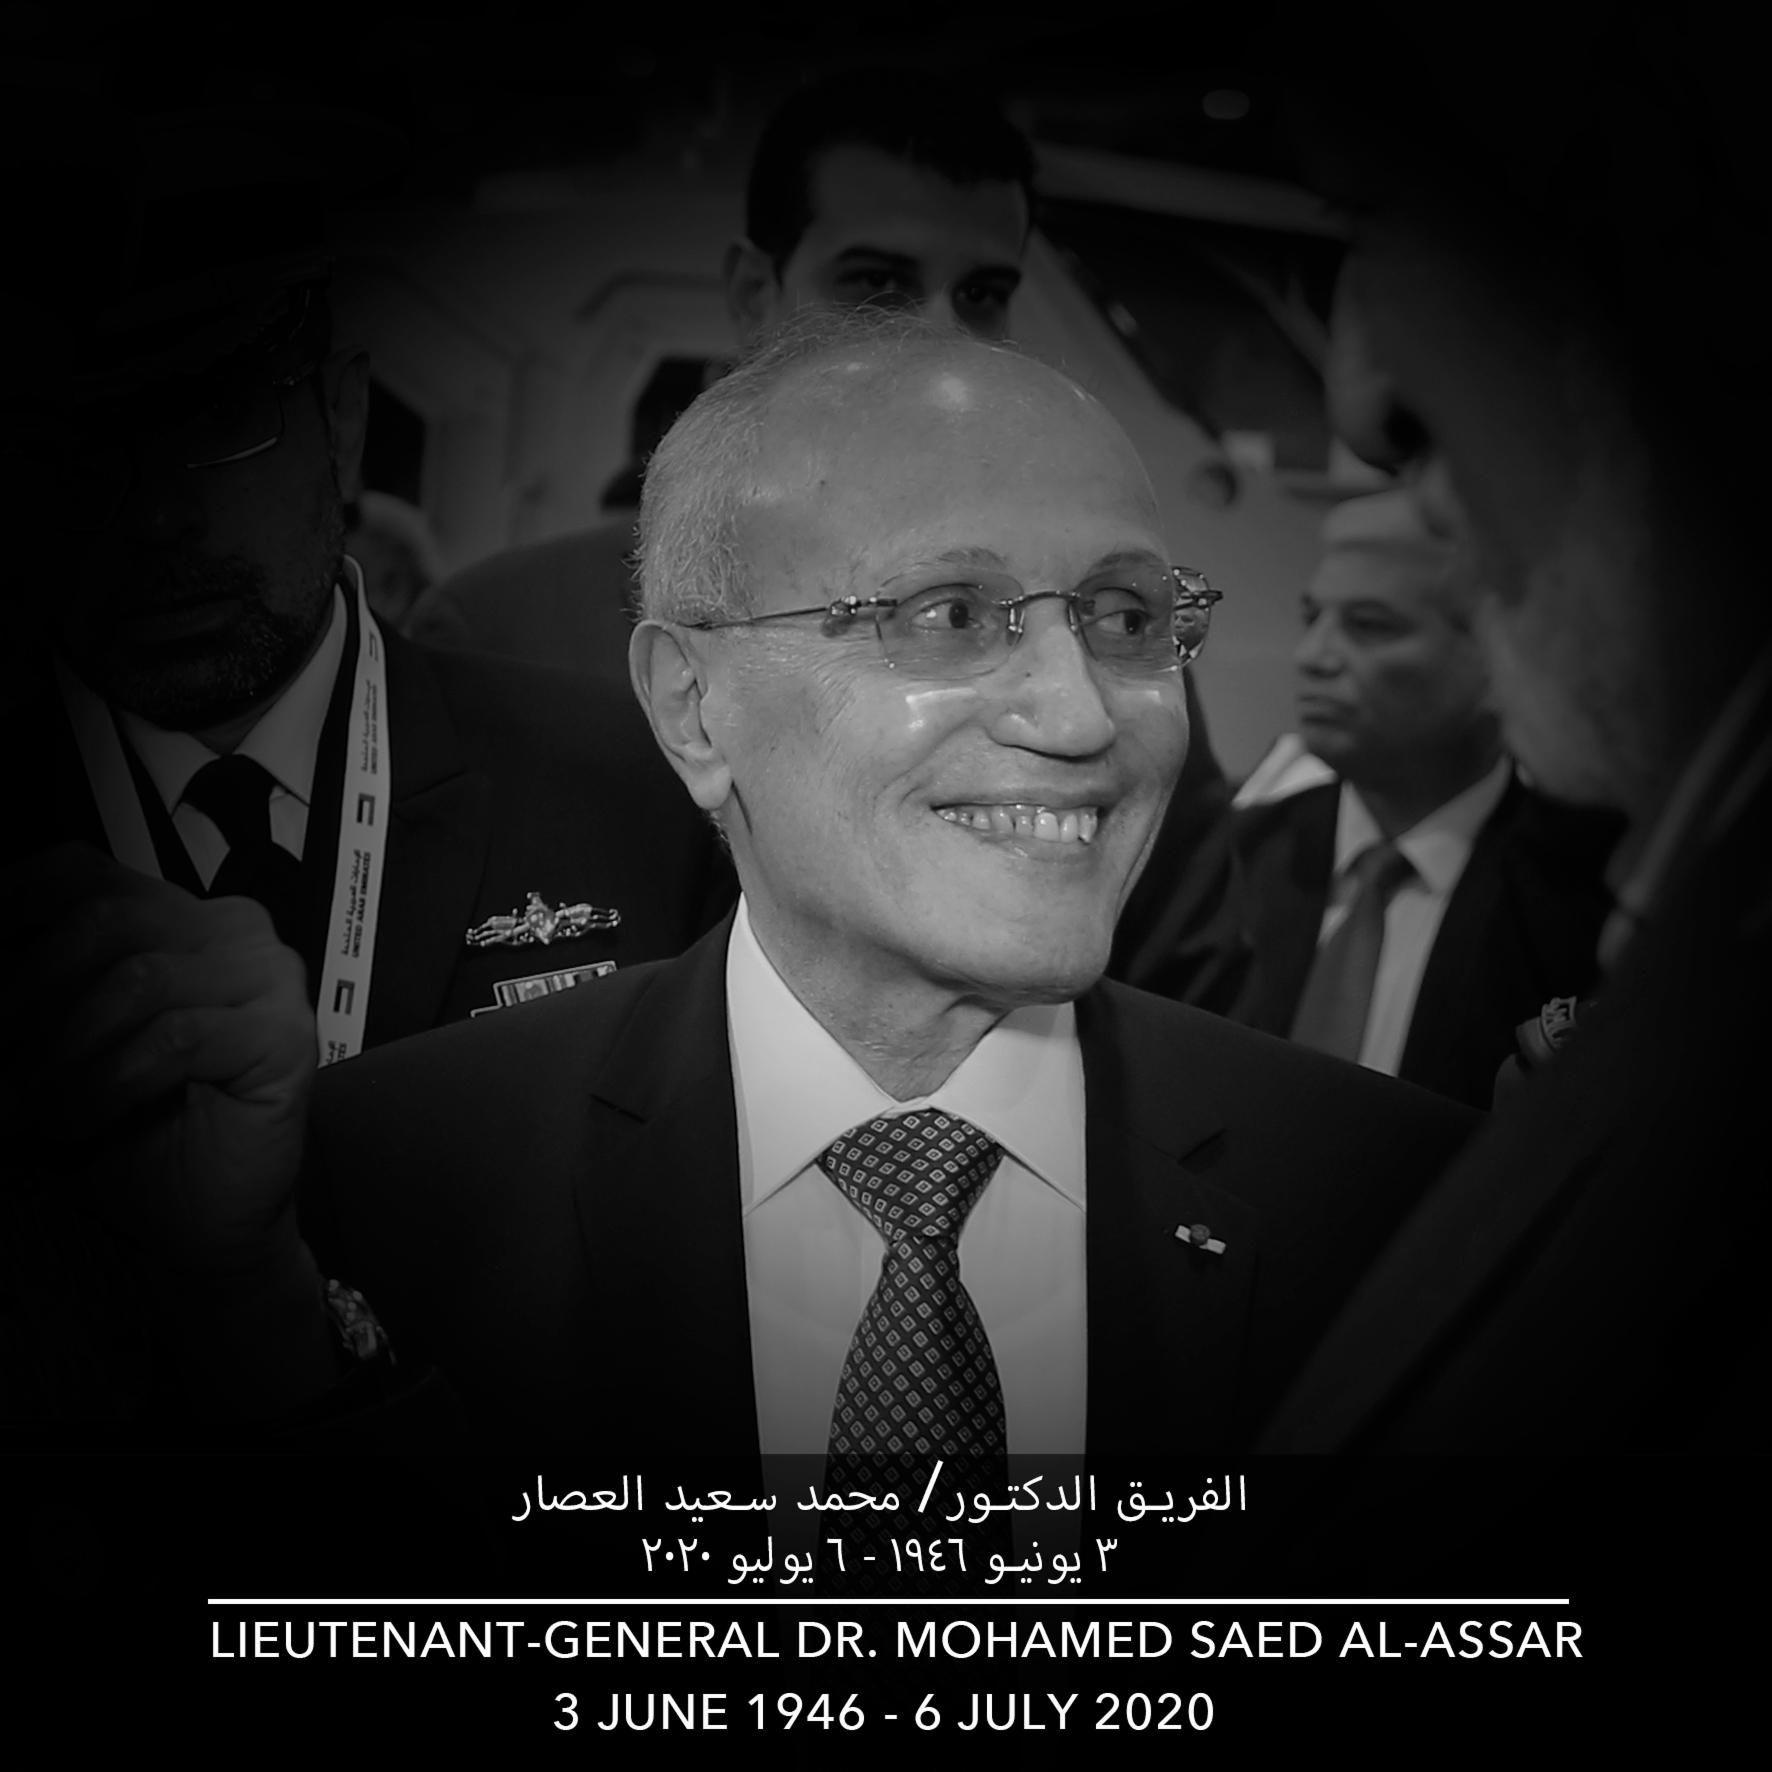 EDEX Mourns the Death of Lieutenant-General Dr. Mohamed Saed Al-Assar